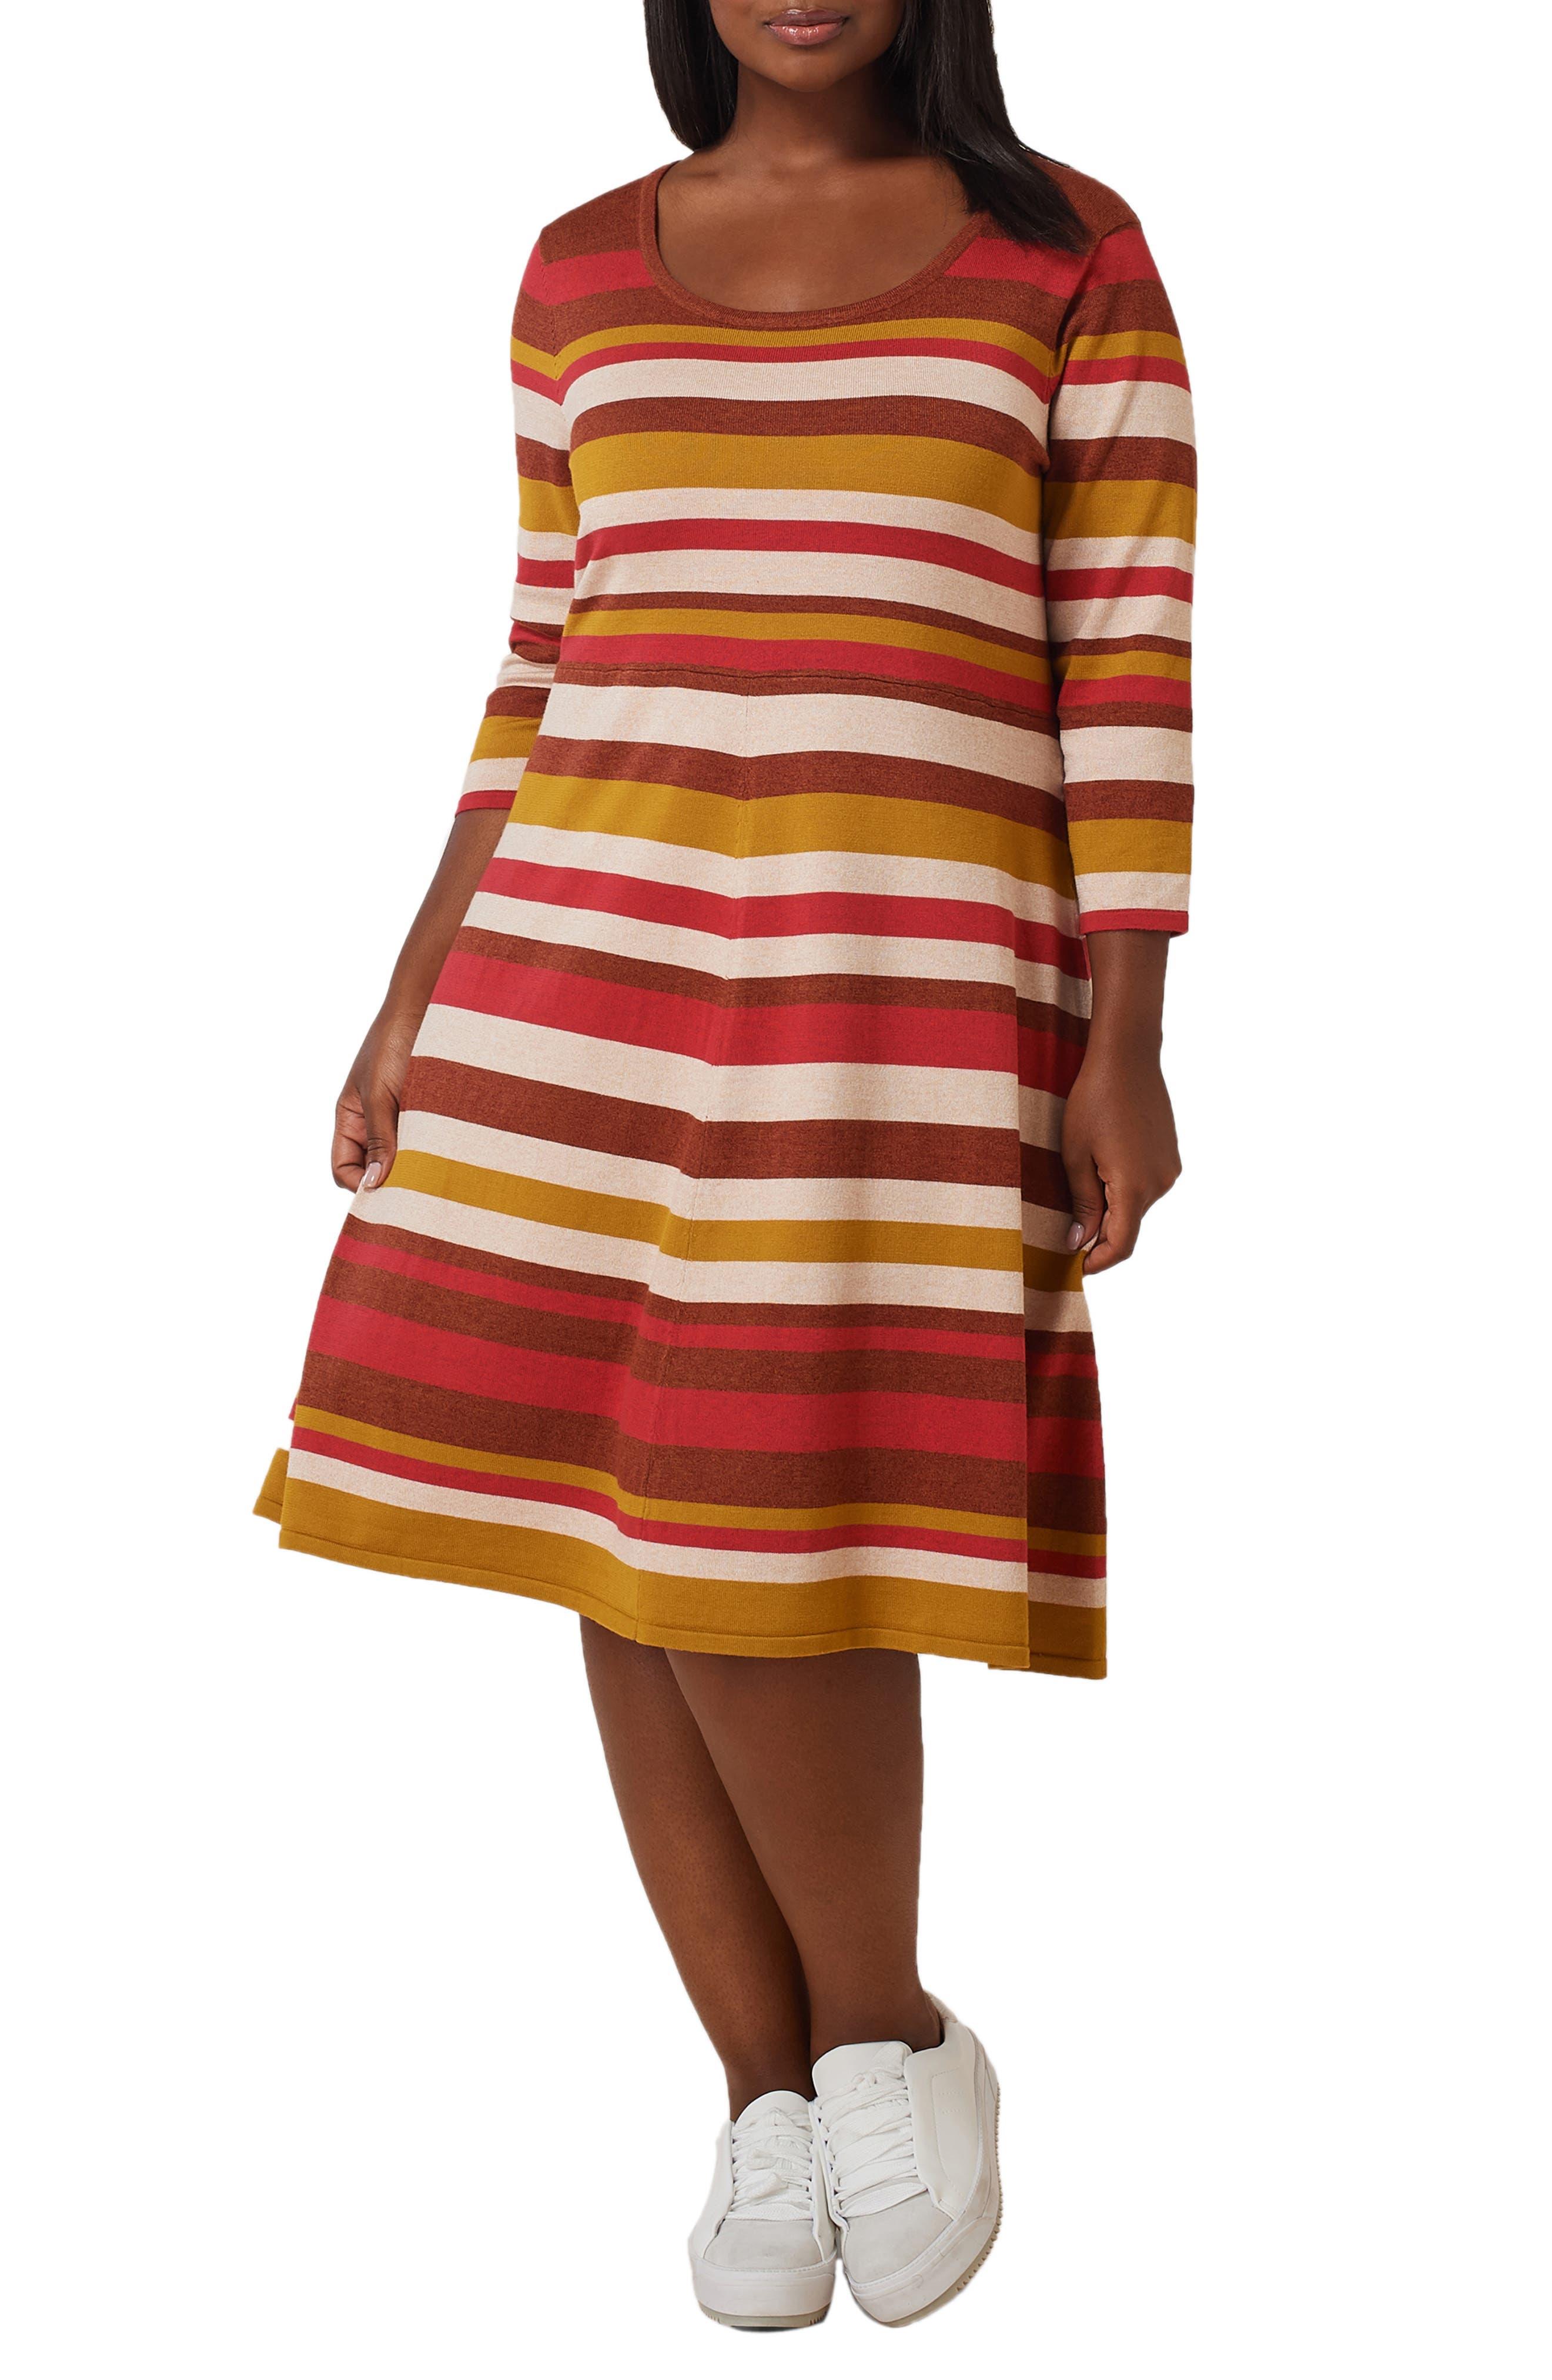 Plus Size Vintage Dresses, Plus Size Retro Dresses Plus Size Womens Maree Pour Toi Stripe Fit  Flare Sweater Dress $129.00 AT vintagedancer.com